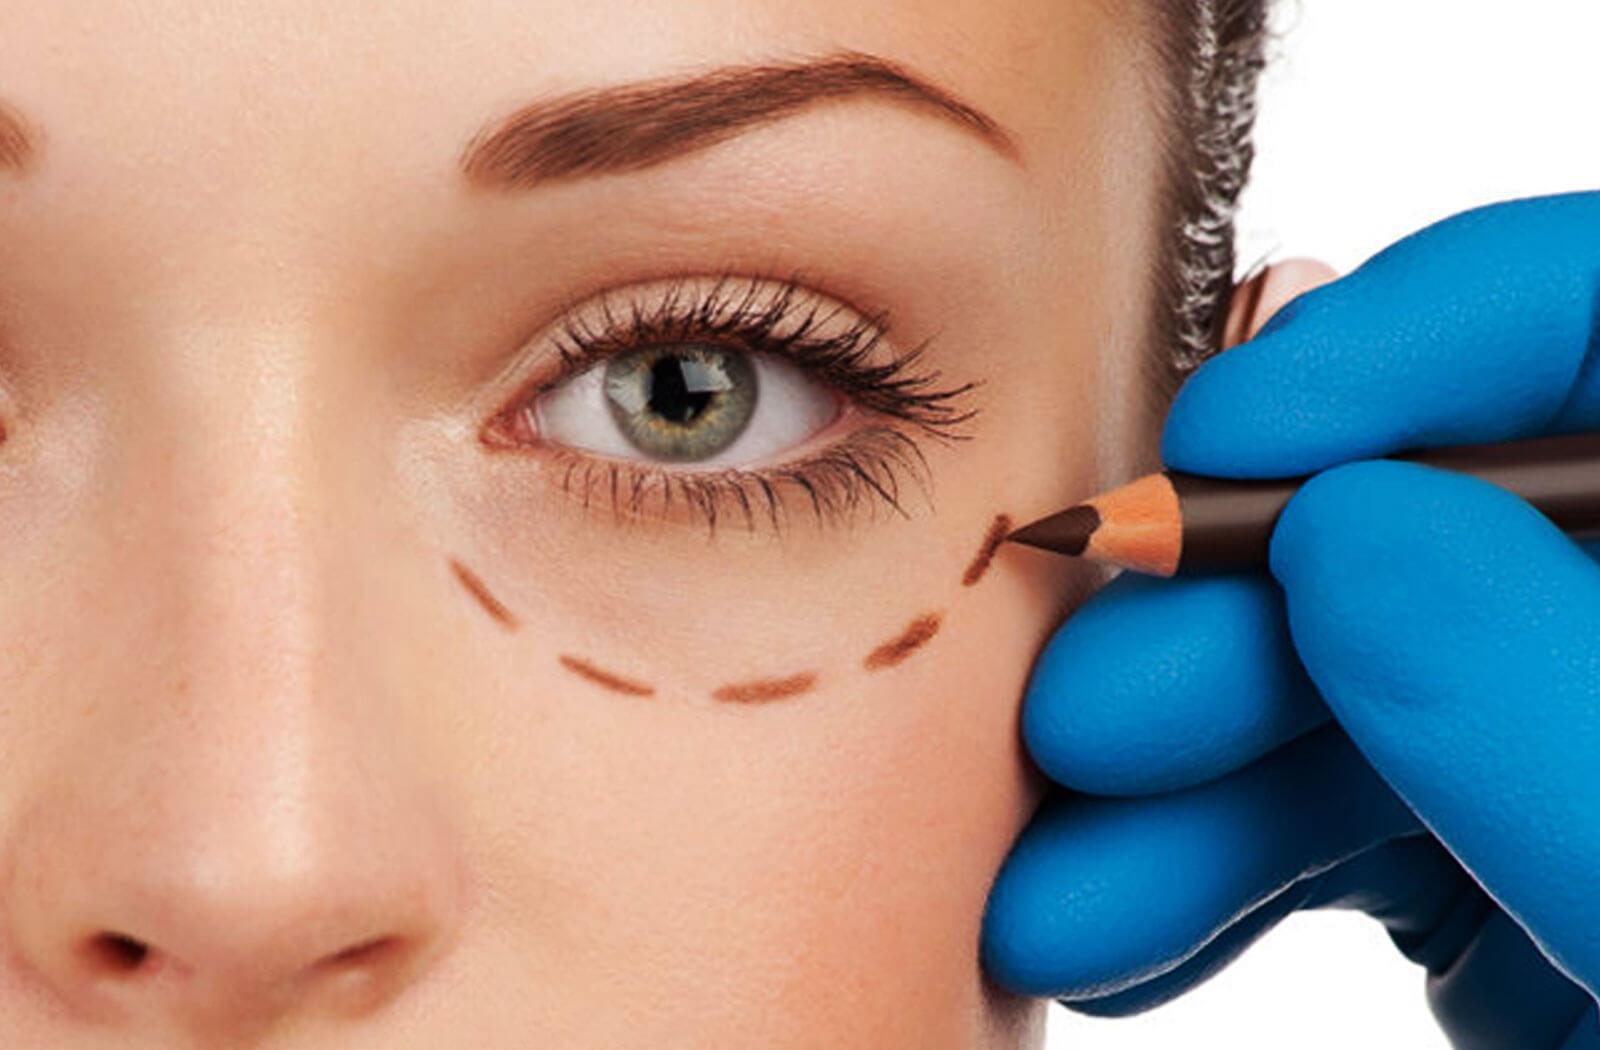 Orbit & Oculoplasty